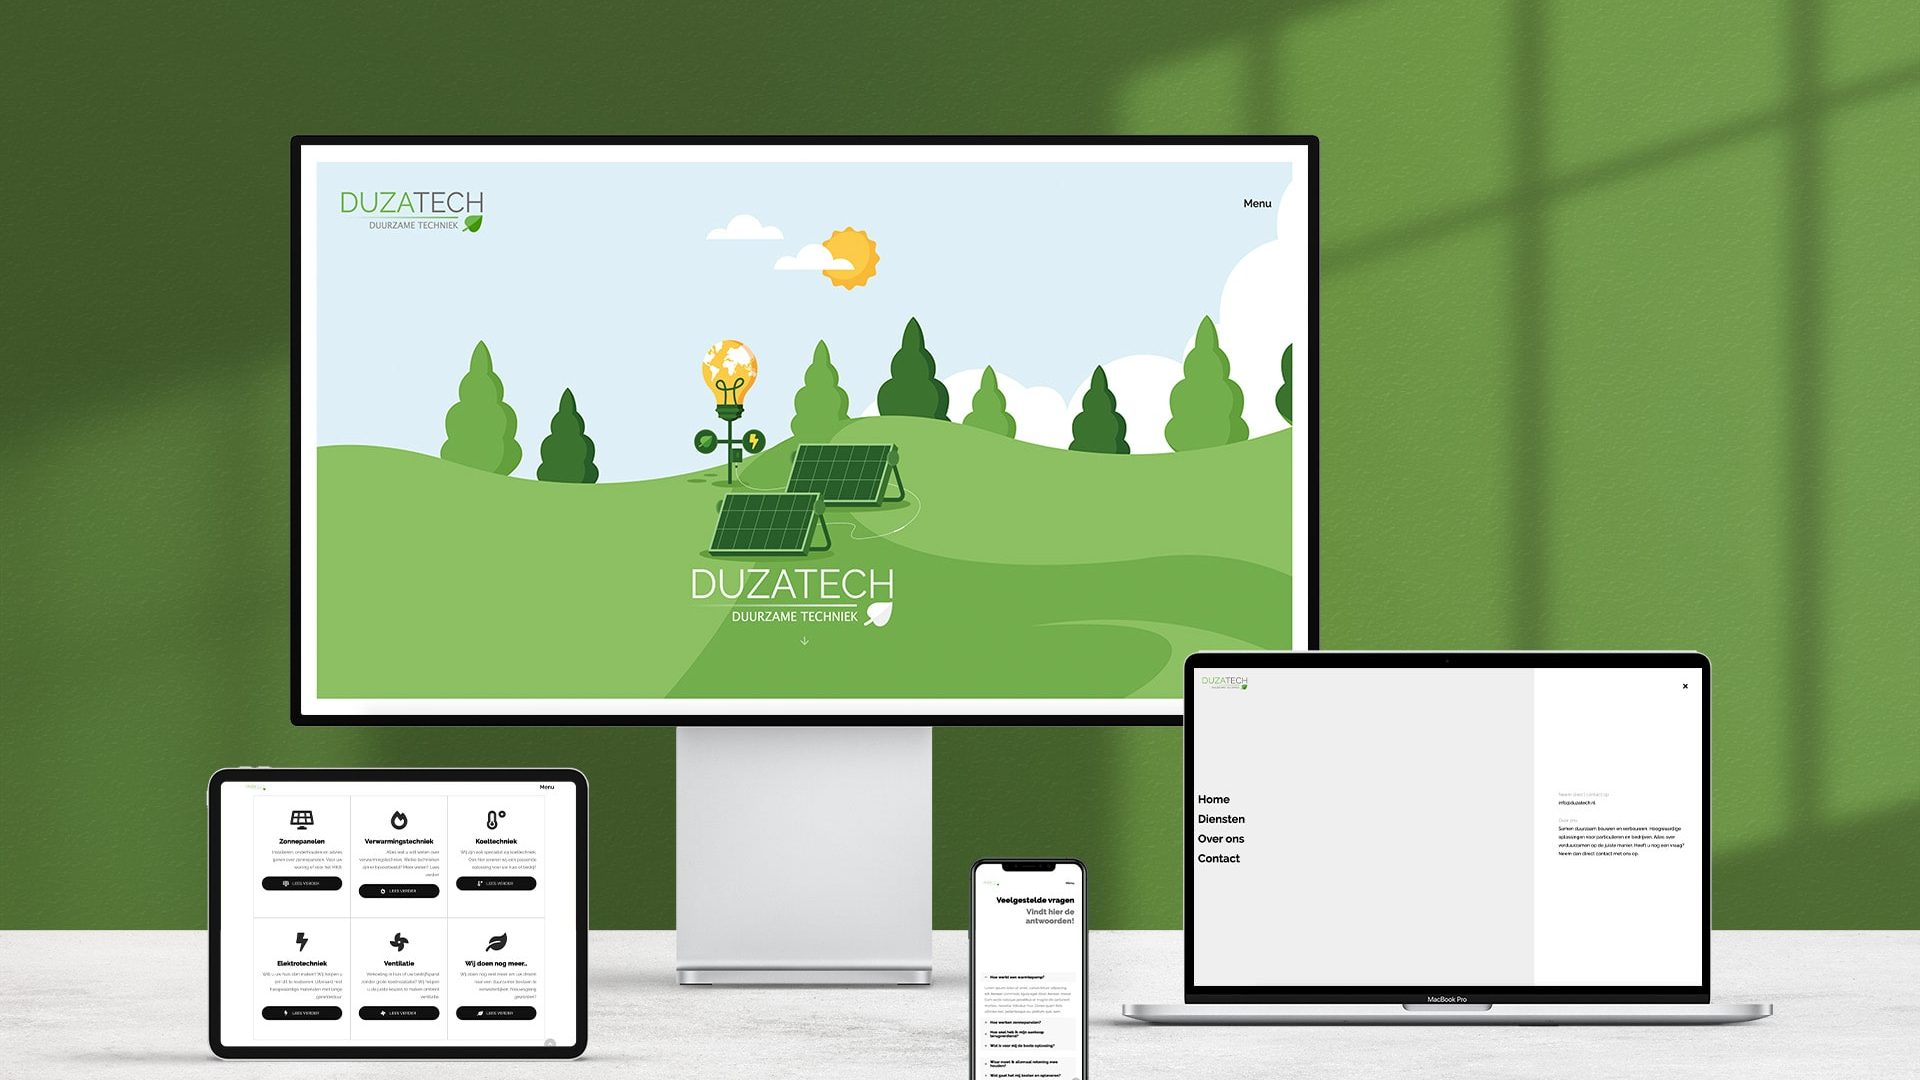 Duzatech website Concept